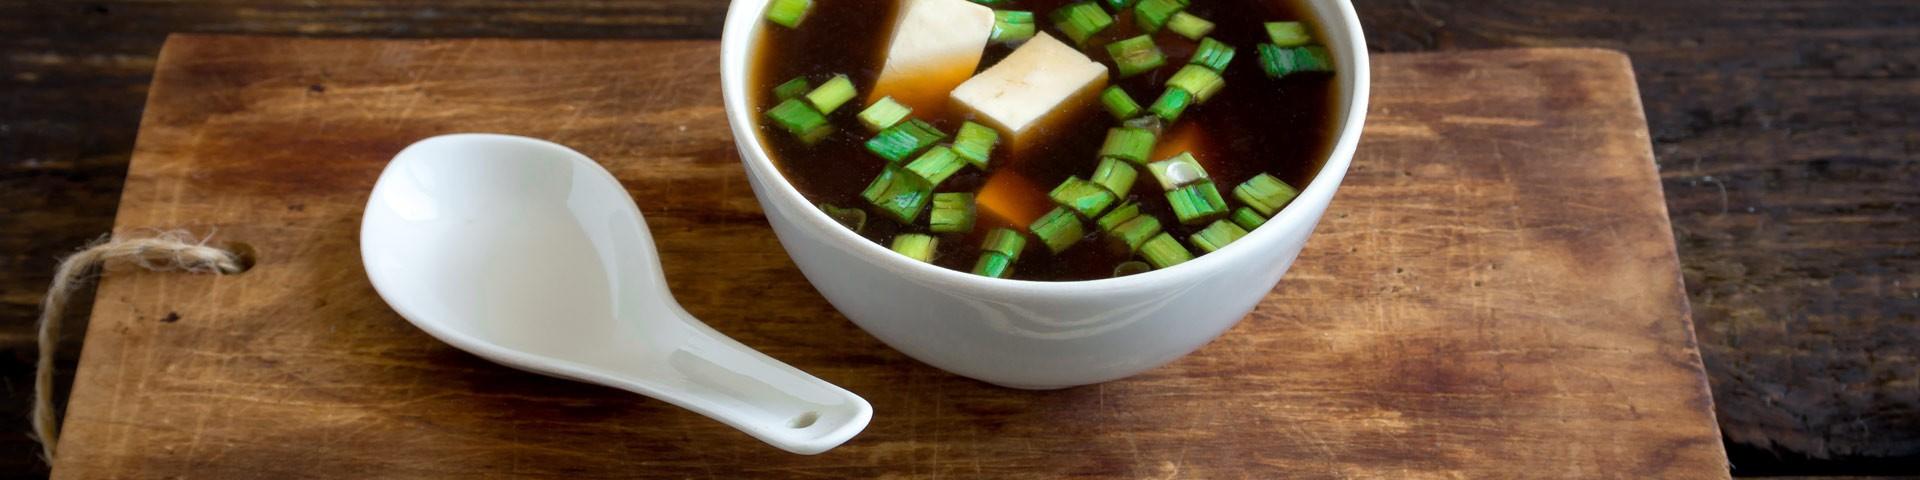 日本食品 | 米 | 調味料 | 海苔 | 味噌 | 醬油 | 豆腐 | 麺類 | 漬物 | だし | せんべい